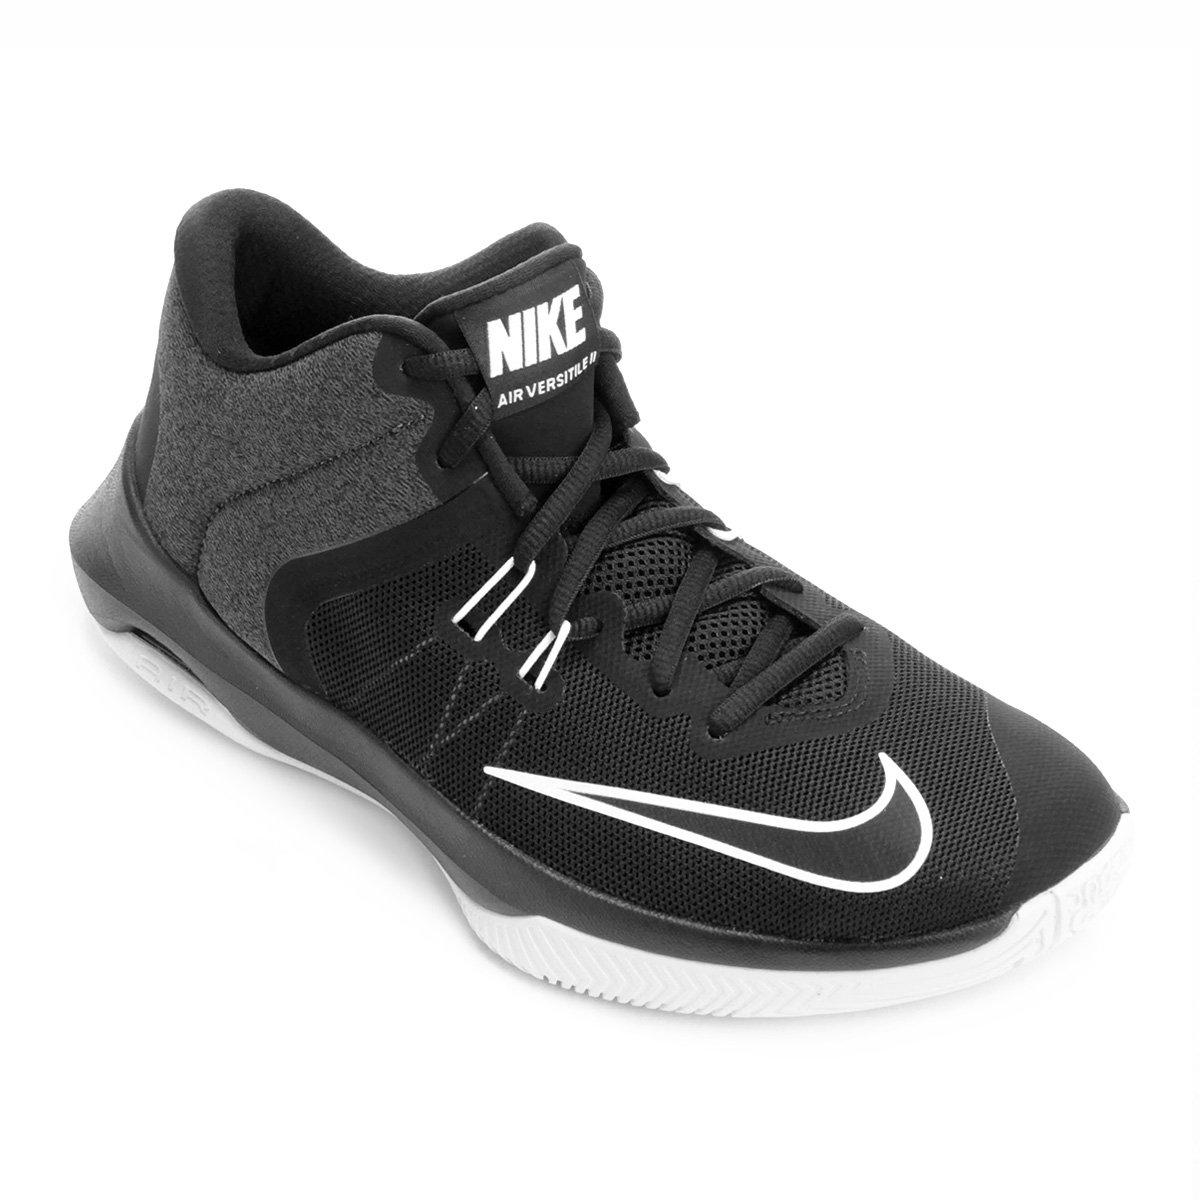 Tênis Nike Air Versitile II Masculino - Preto e Branco - Compre ... 236793d35f255